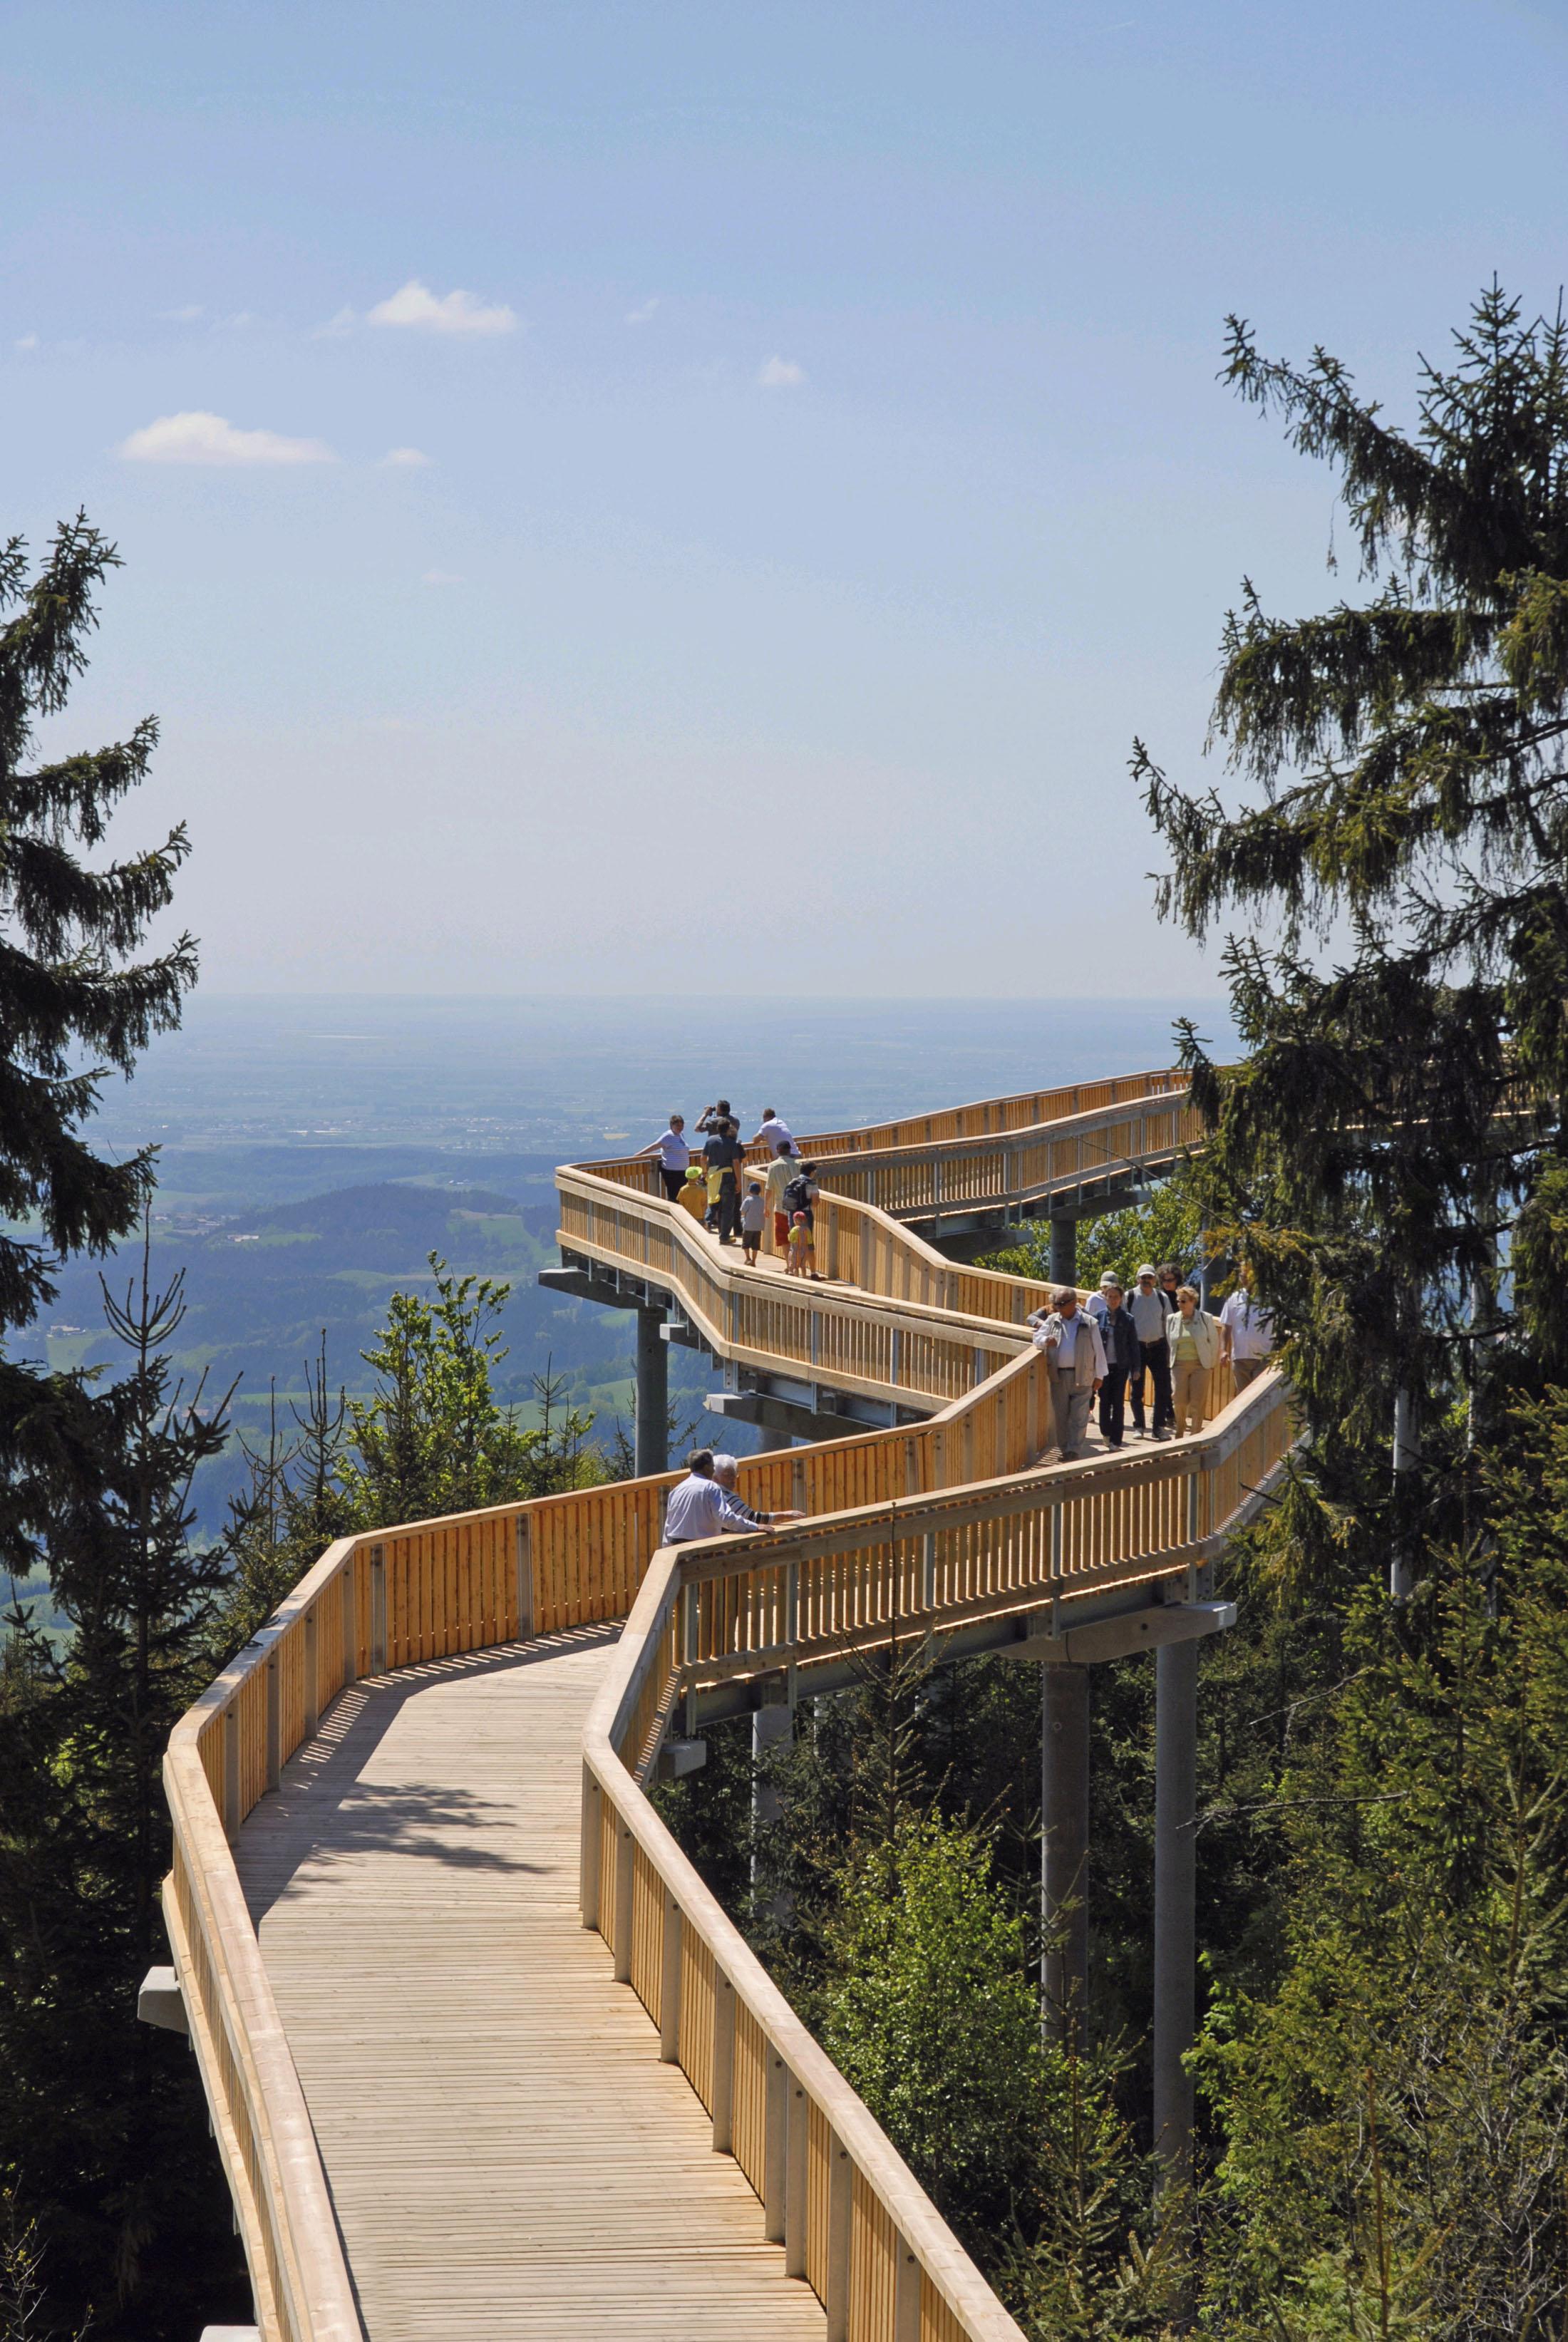 The Walkway High Above the Forest at Maibrunn. - Der Waldwipfelweg in Maibrunn im Bayerischen Wald.